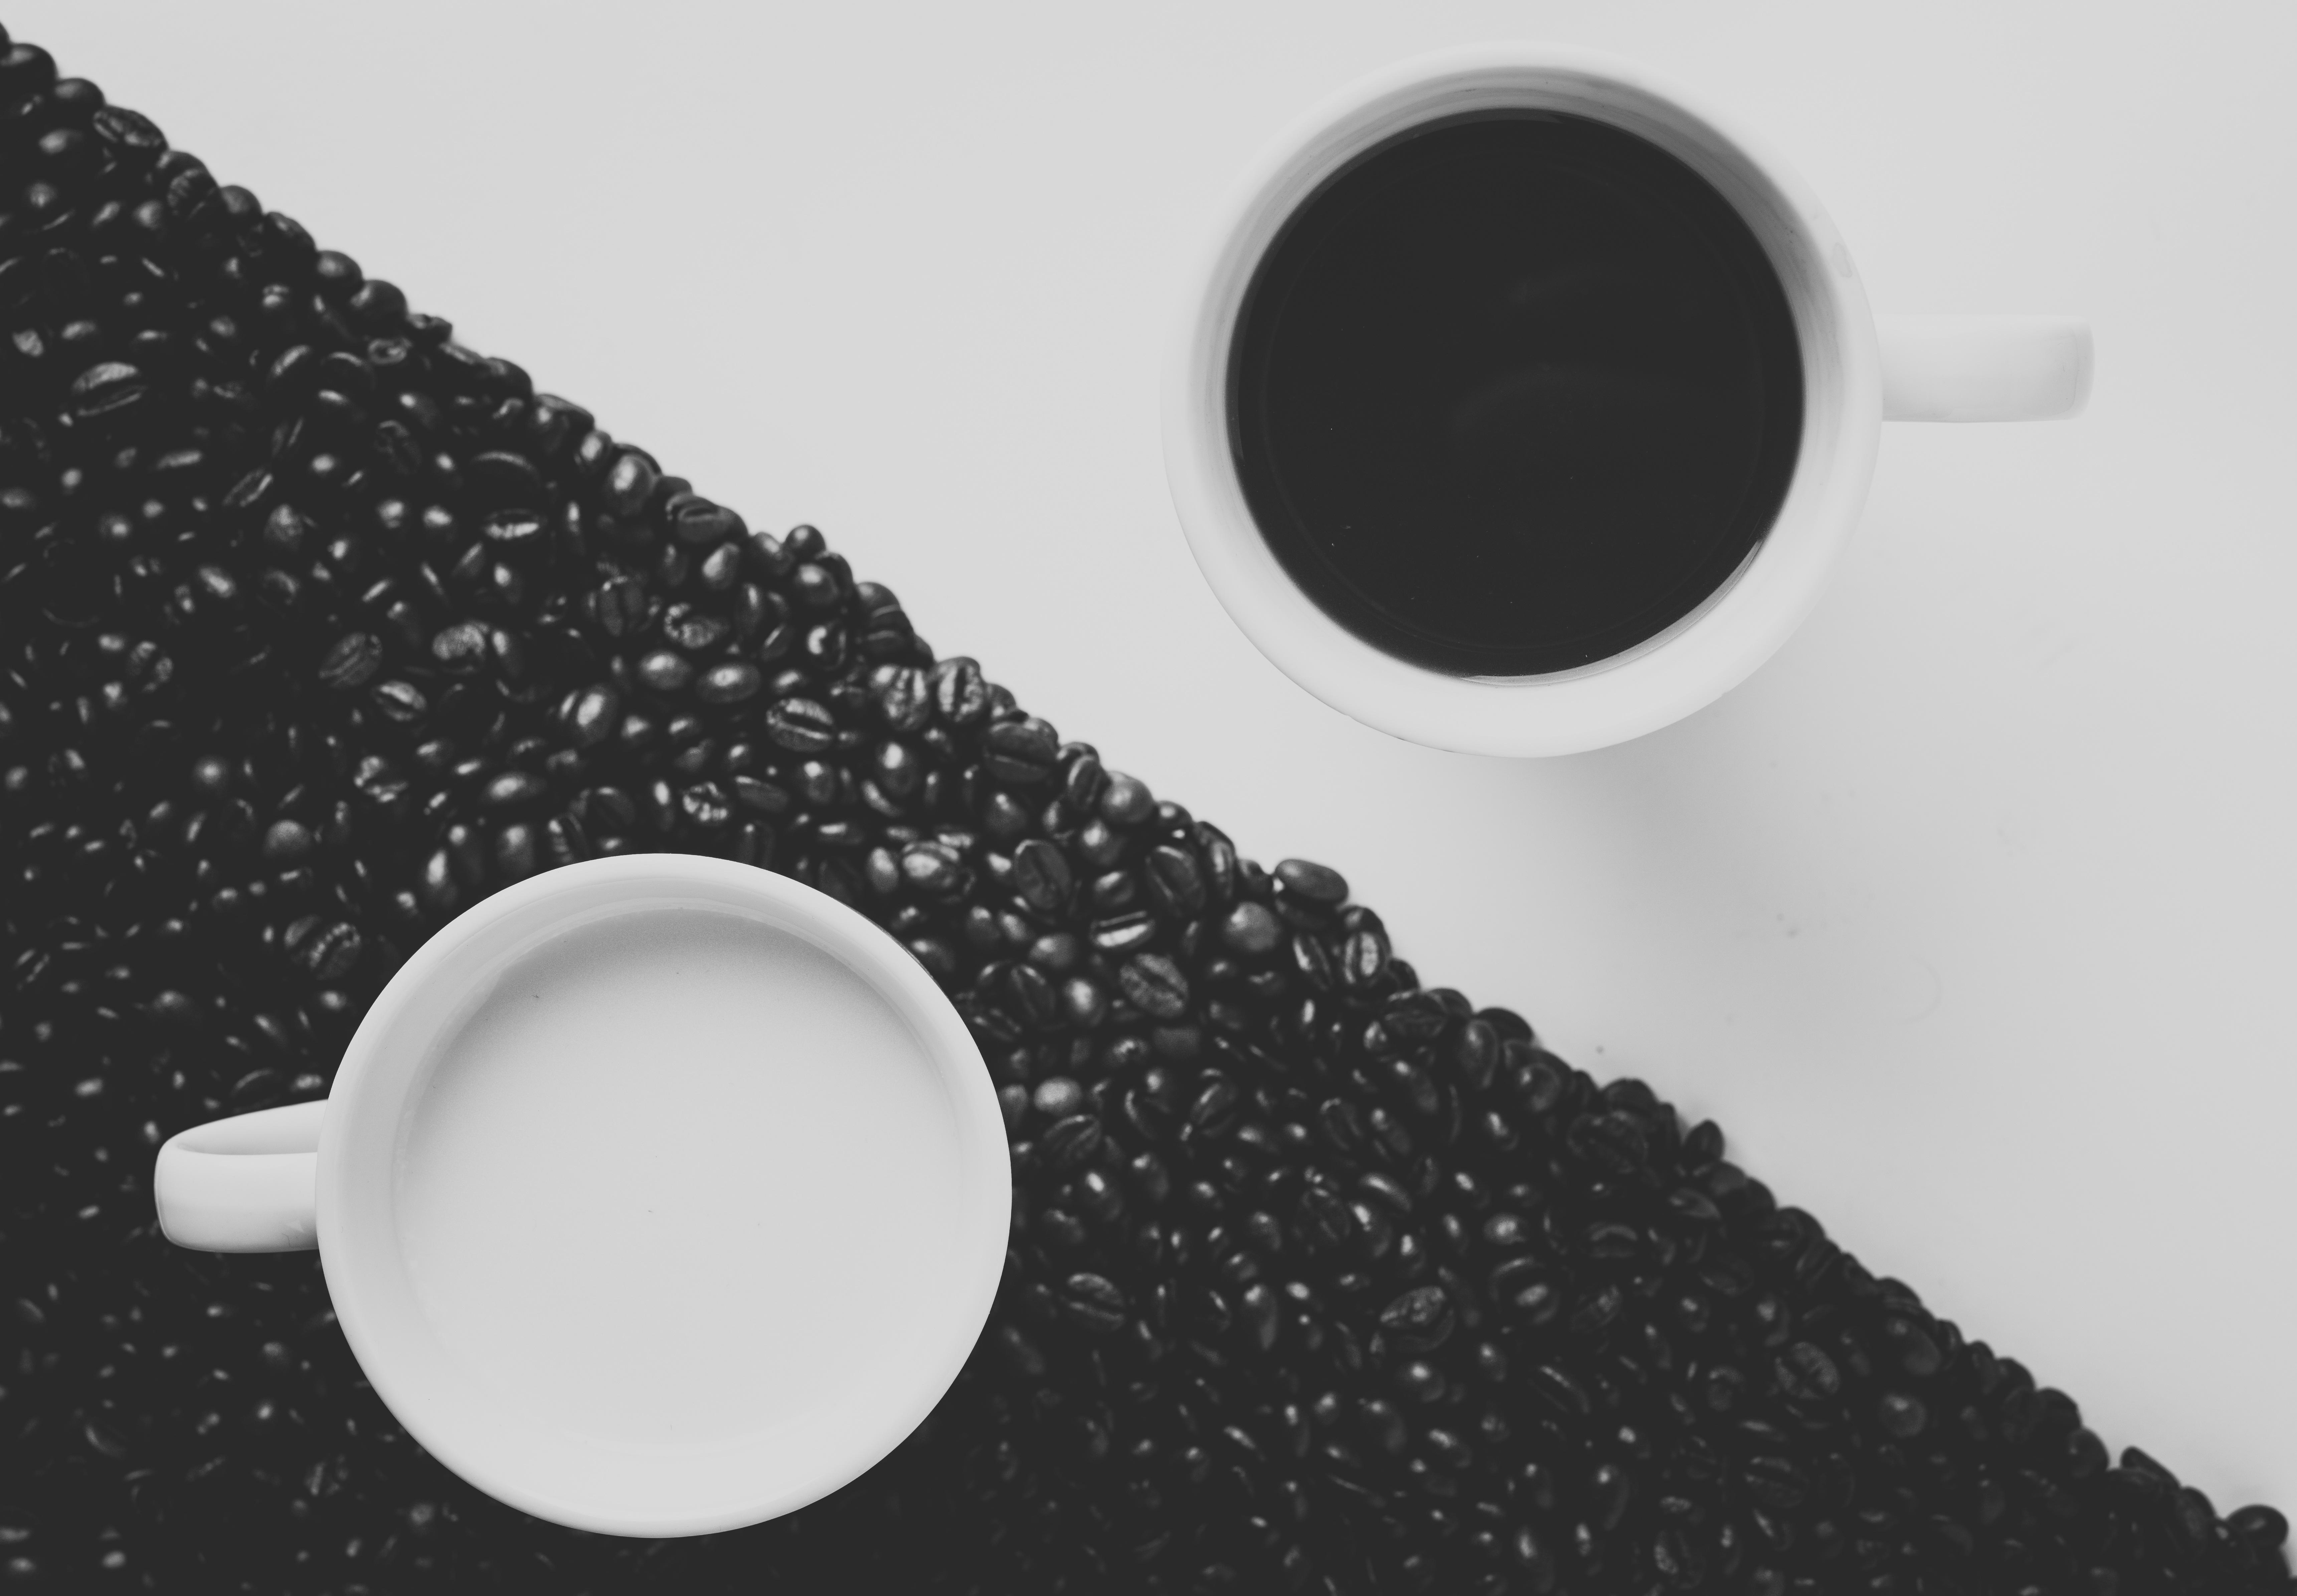 Coffee - yin and yang photo